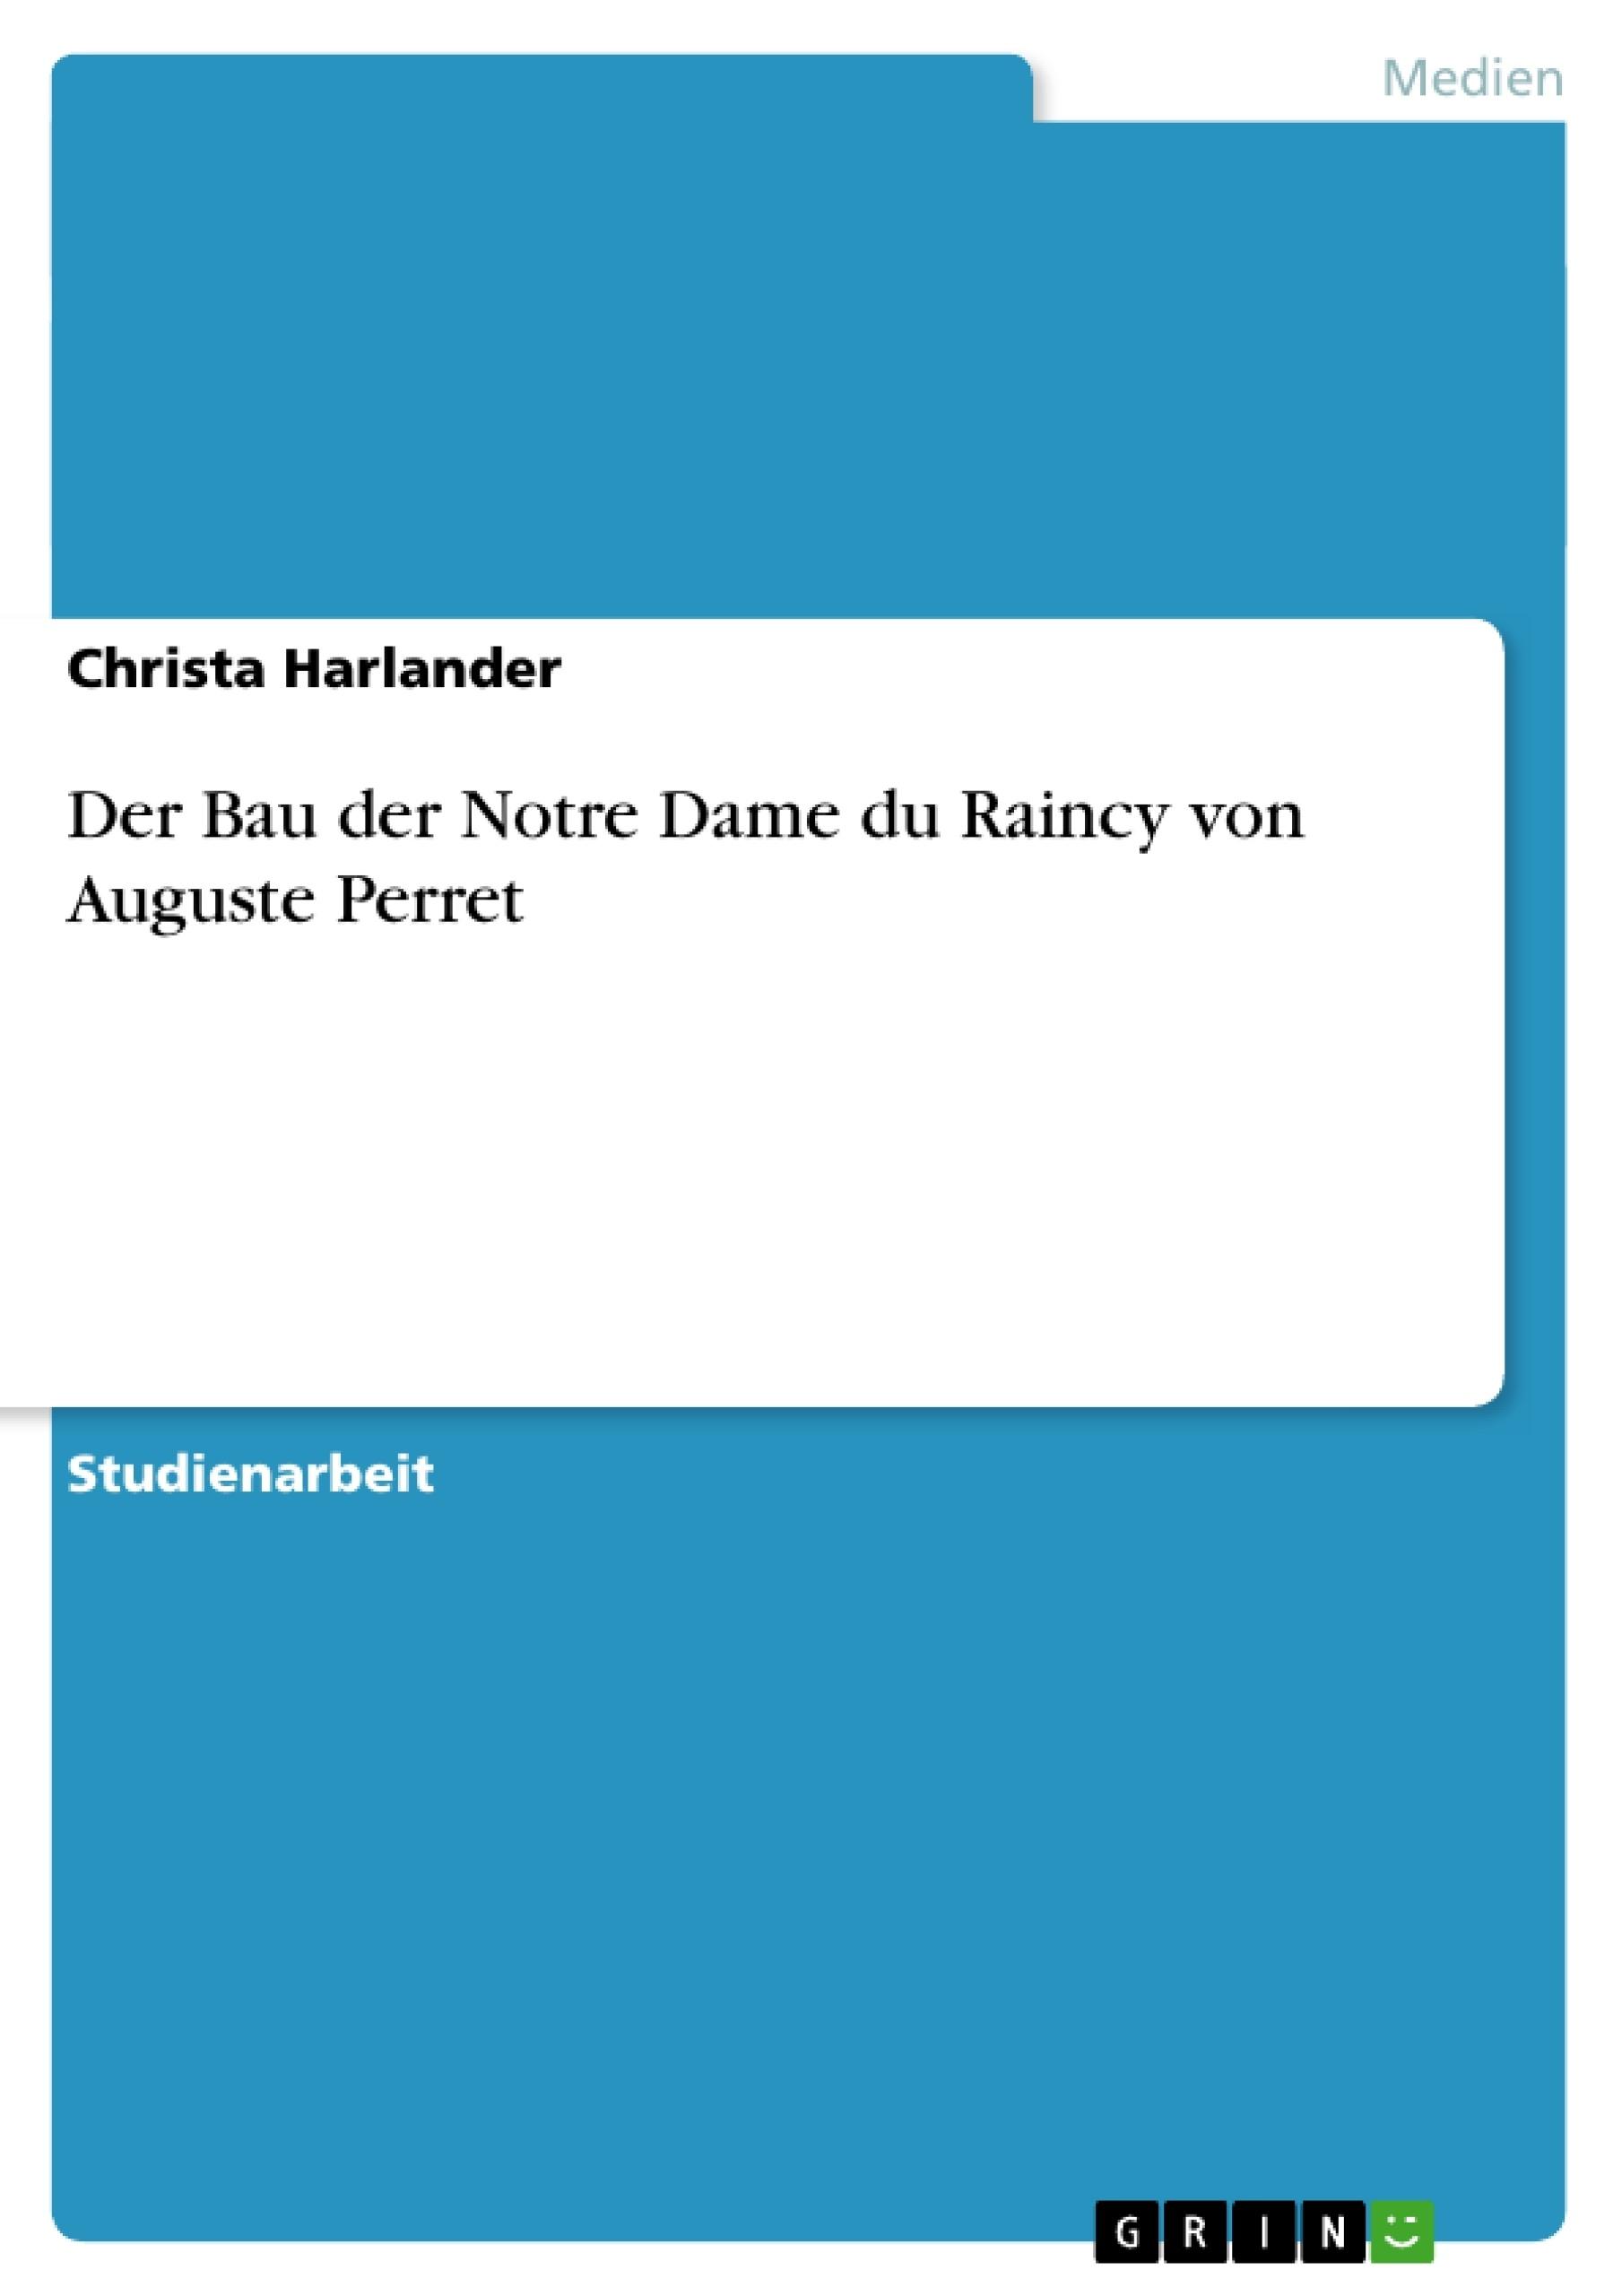 Titel: Der Bau der Notre Dame du Raincy von Auguste Perret